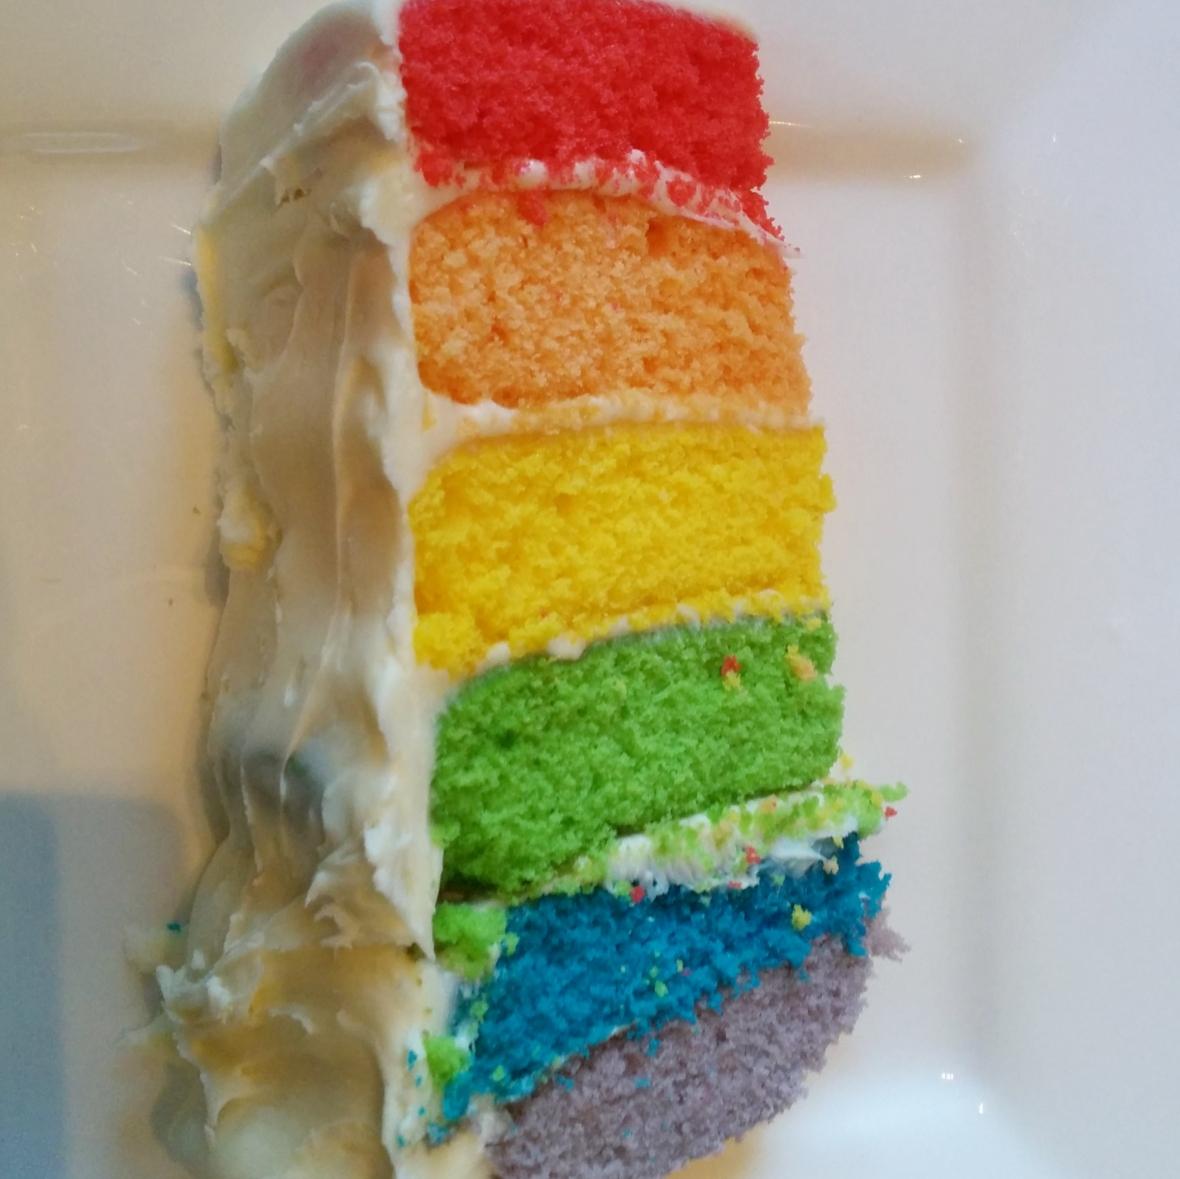 rainbowcake (26)